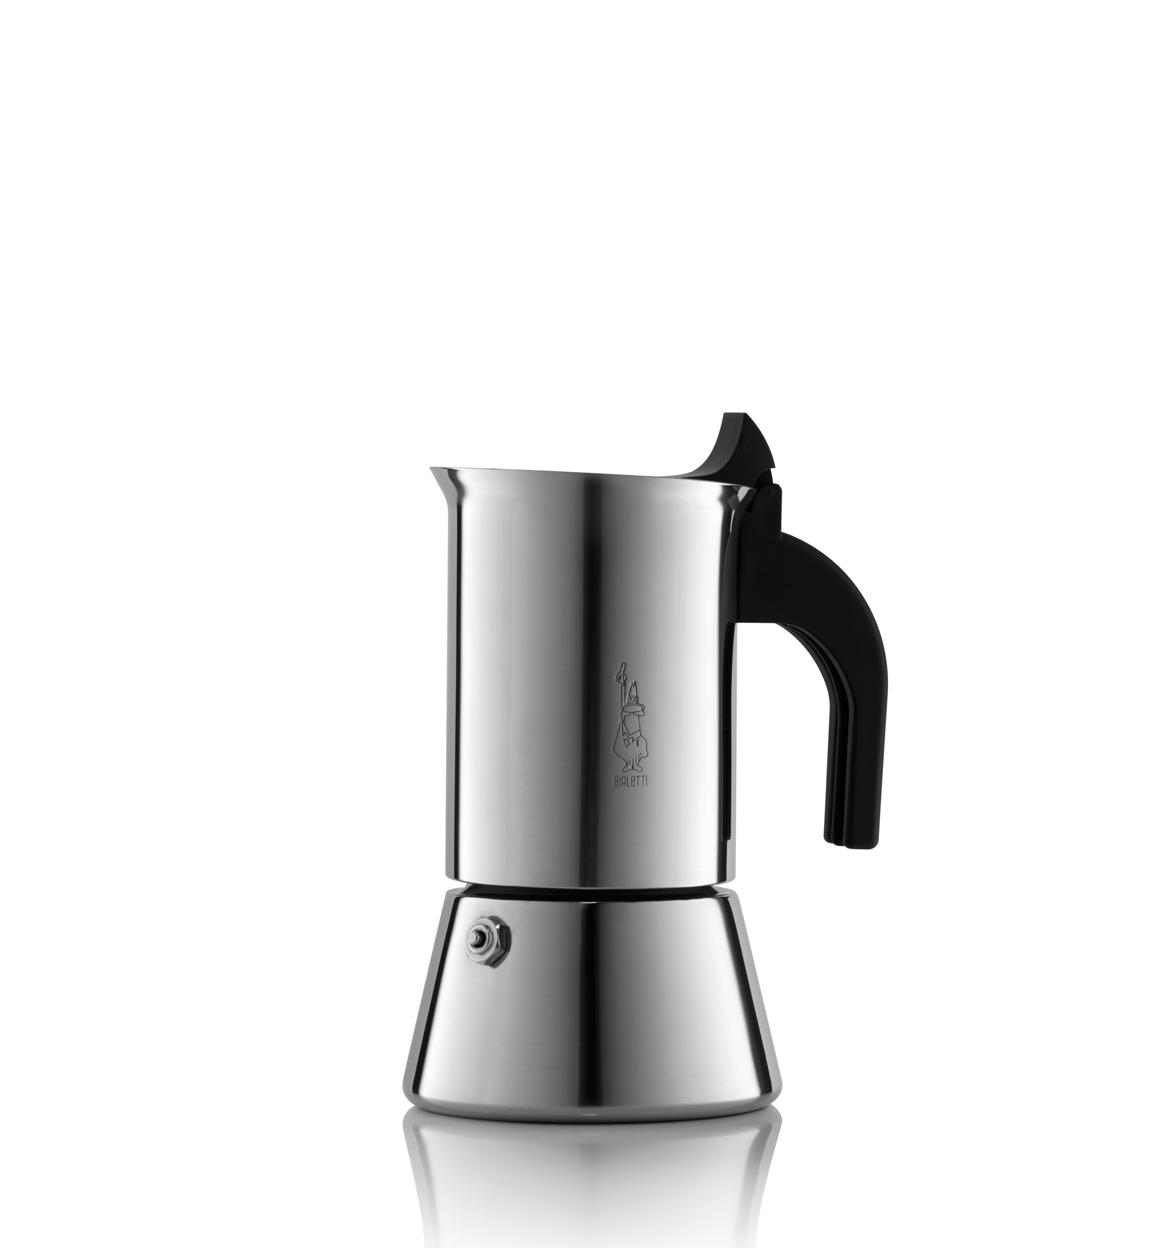 Cafetera espresso para 2 tazas Bialetti Kitty acero